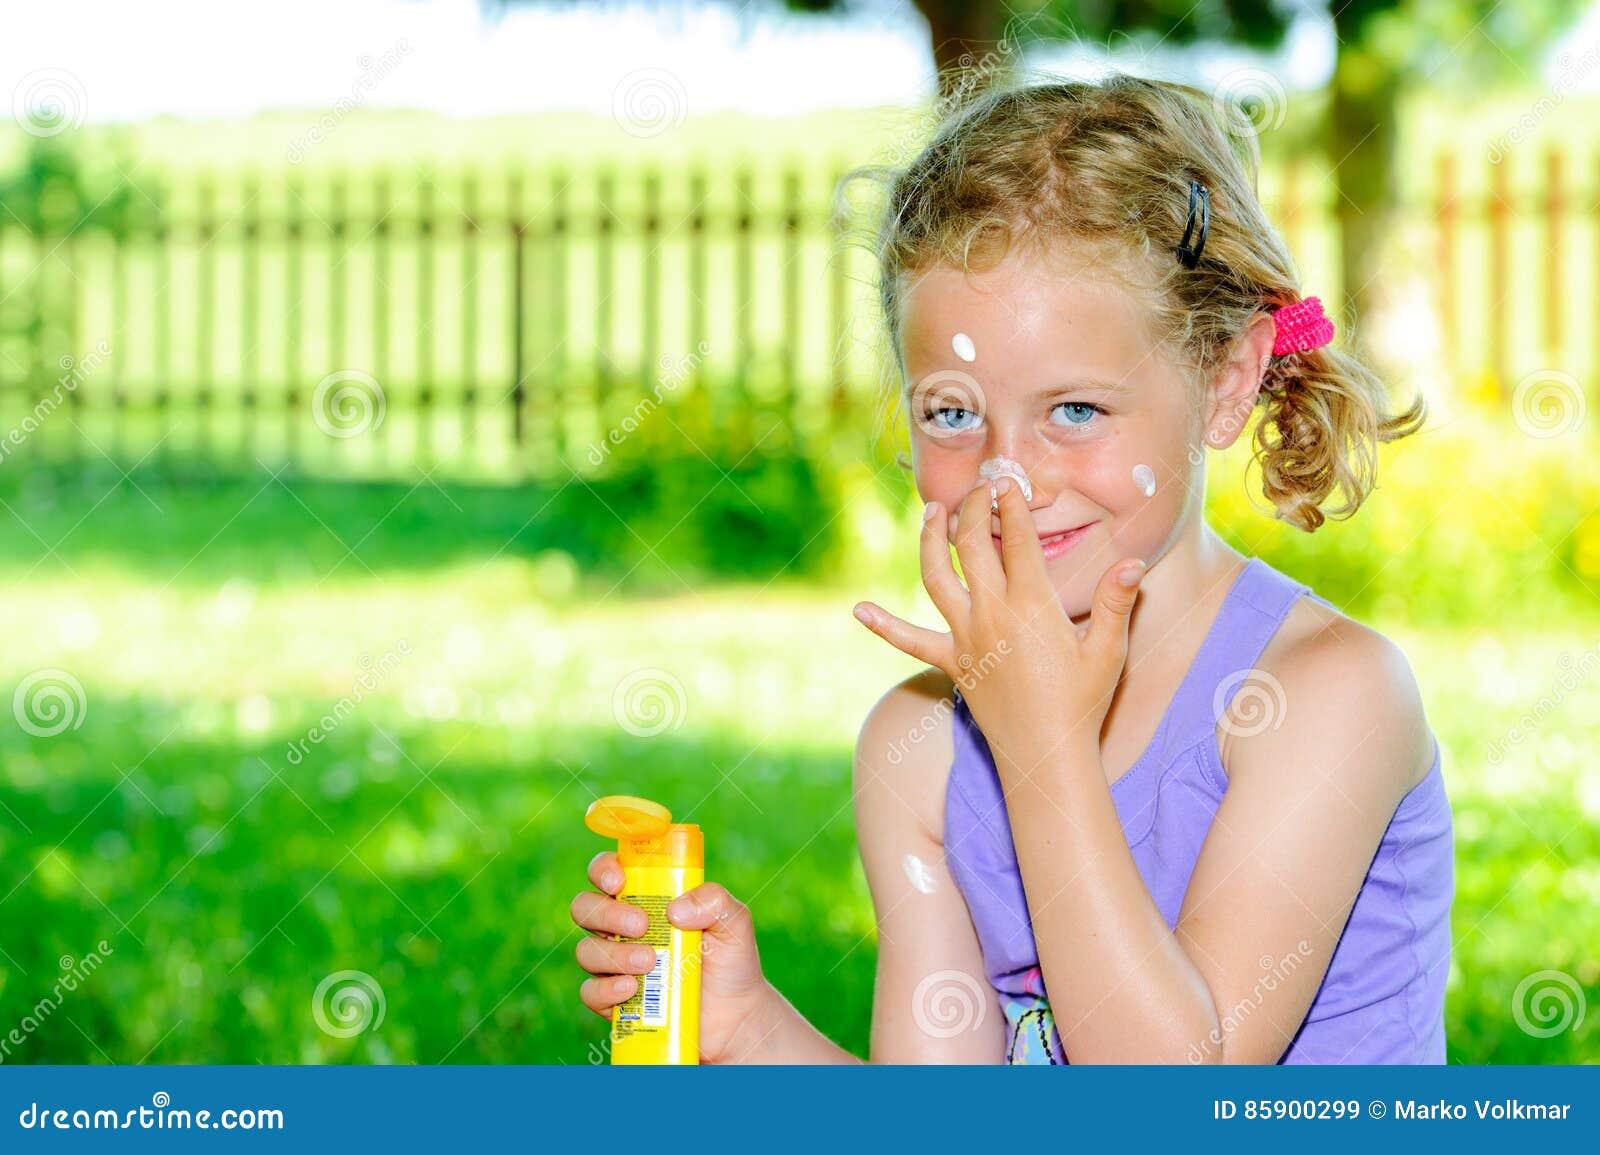 Ragazza bionda che utilizza la crema del sole nel giardino - Il sole nel giardino ...